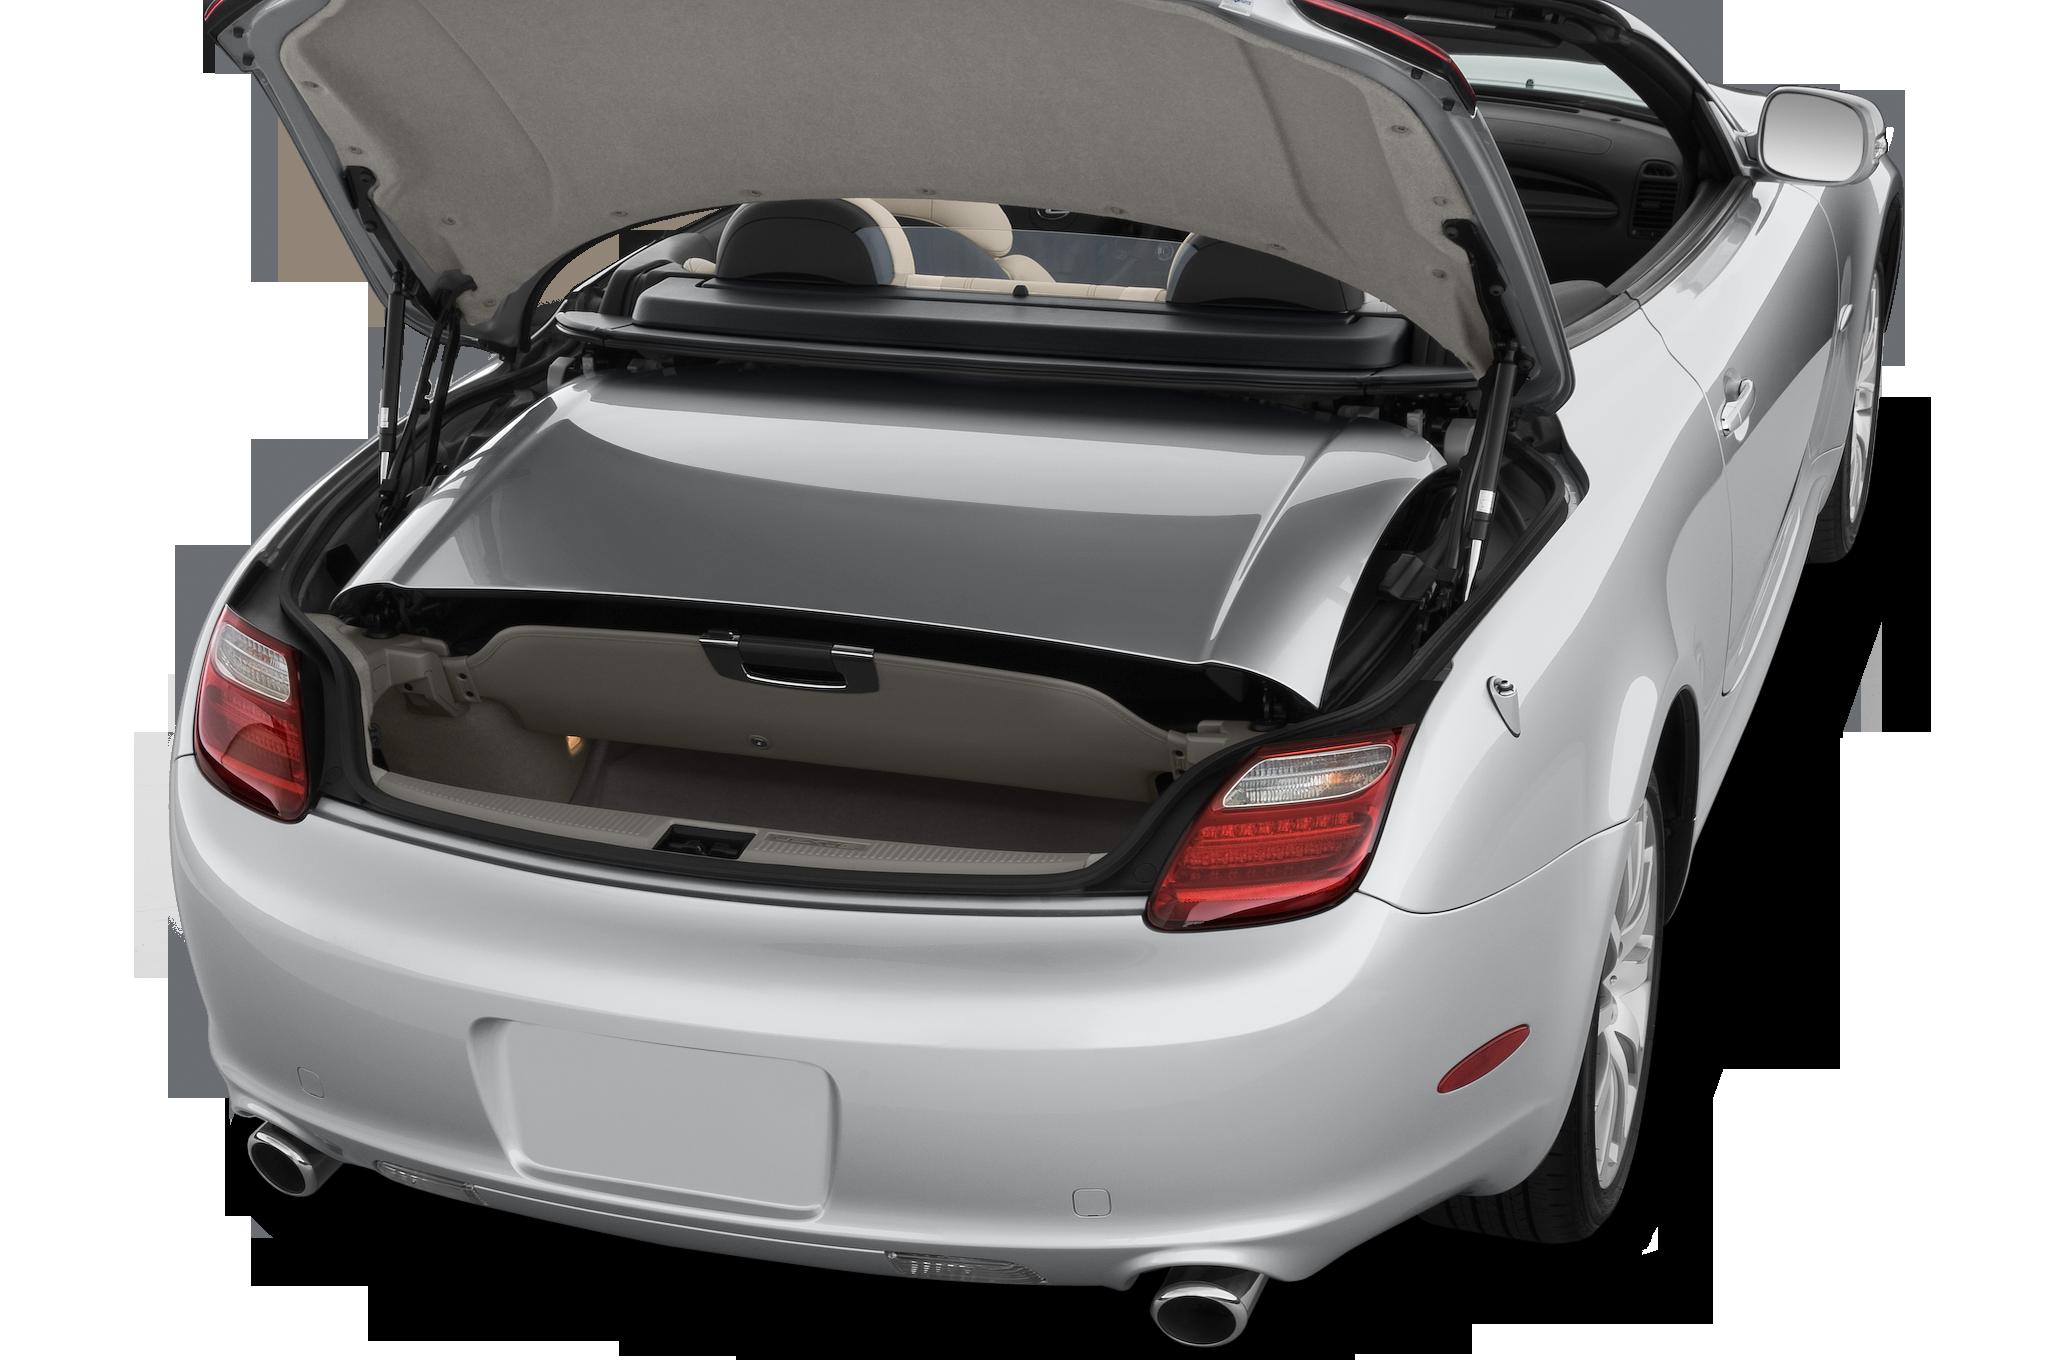 https://st.automobilemag.com/uploads/sites/10/2015/11/2010-lexus-sc-430-convertible-trunk.png